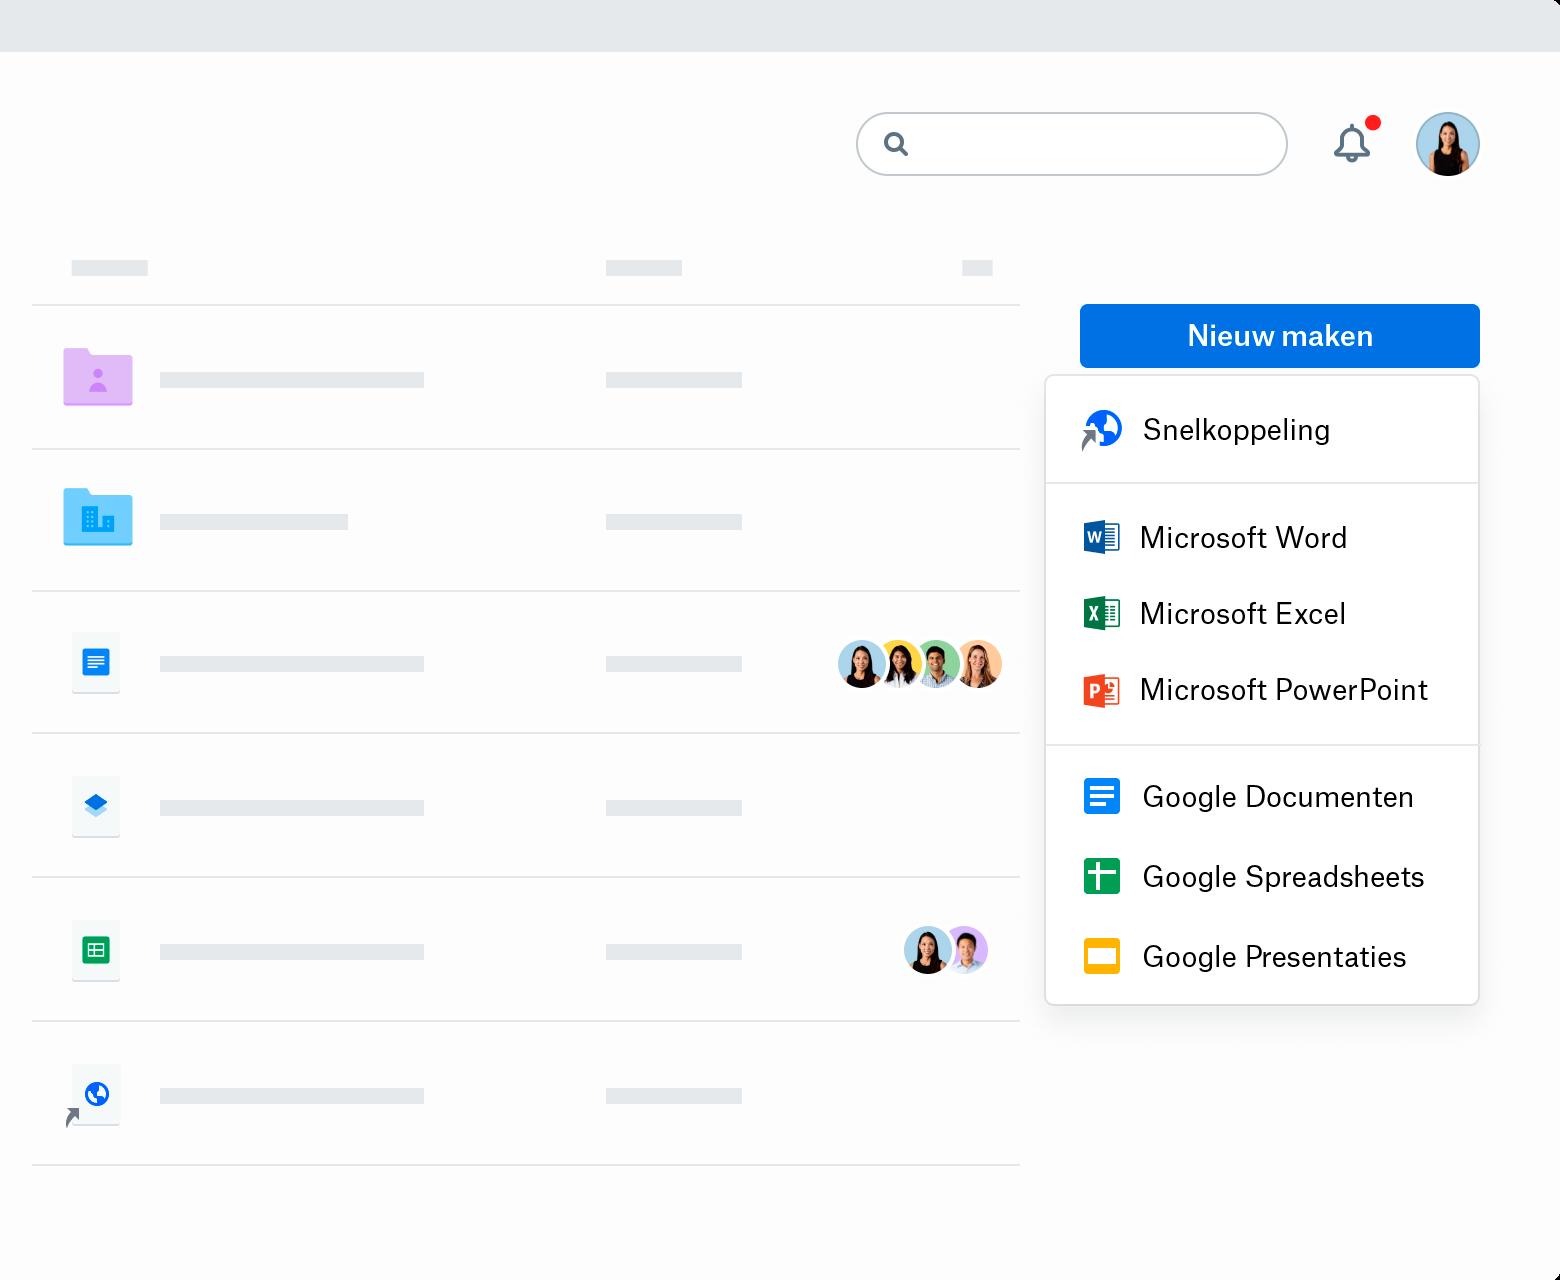 Een schermafdruk van het vervolgkeuzemenu 'Nieuw maken' in Dropbox.com. Het menu bevat snelkoppelingen, Microsoft Word, Microsoft Excel, Microsoft PowerPoint, Google Documenten, Google Spreadsheets en Google Presentaties.